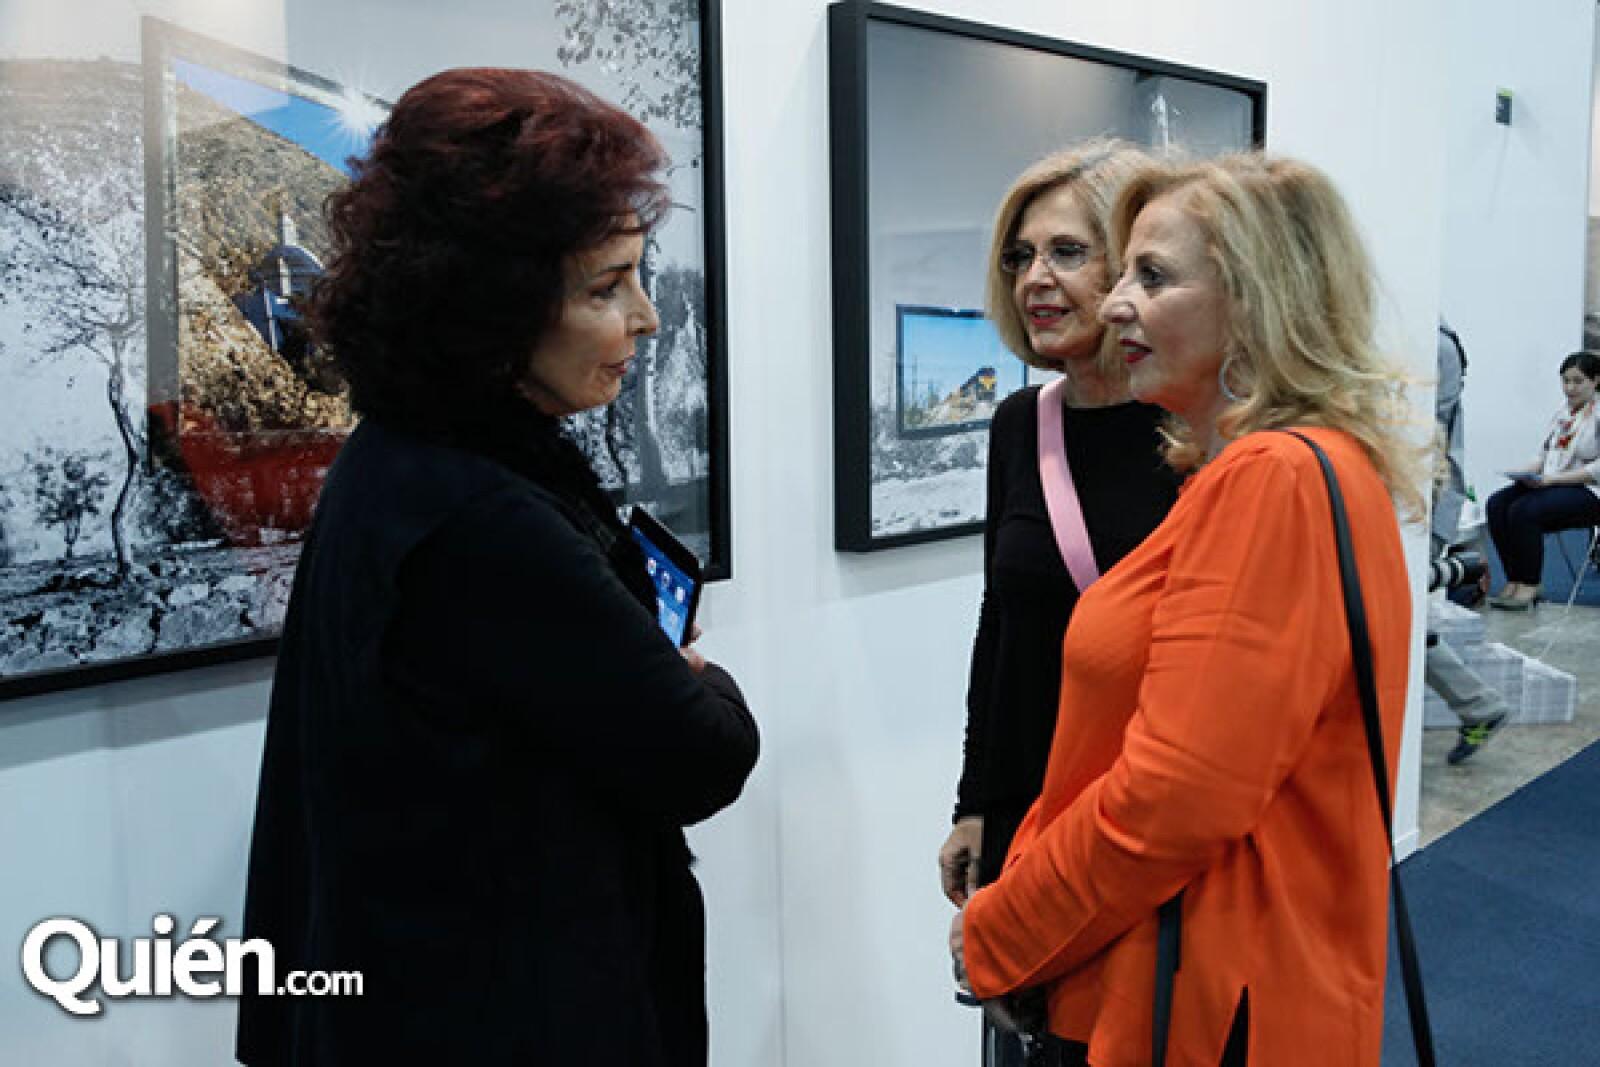 Virginia Aboumrad, Ercilia Gómez Maqueo y Sofía Buzali